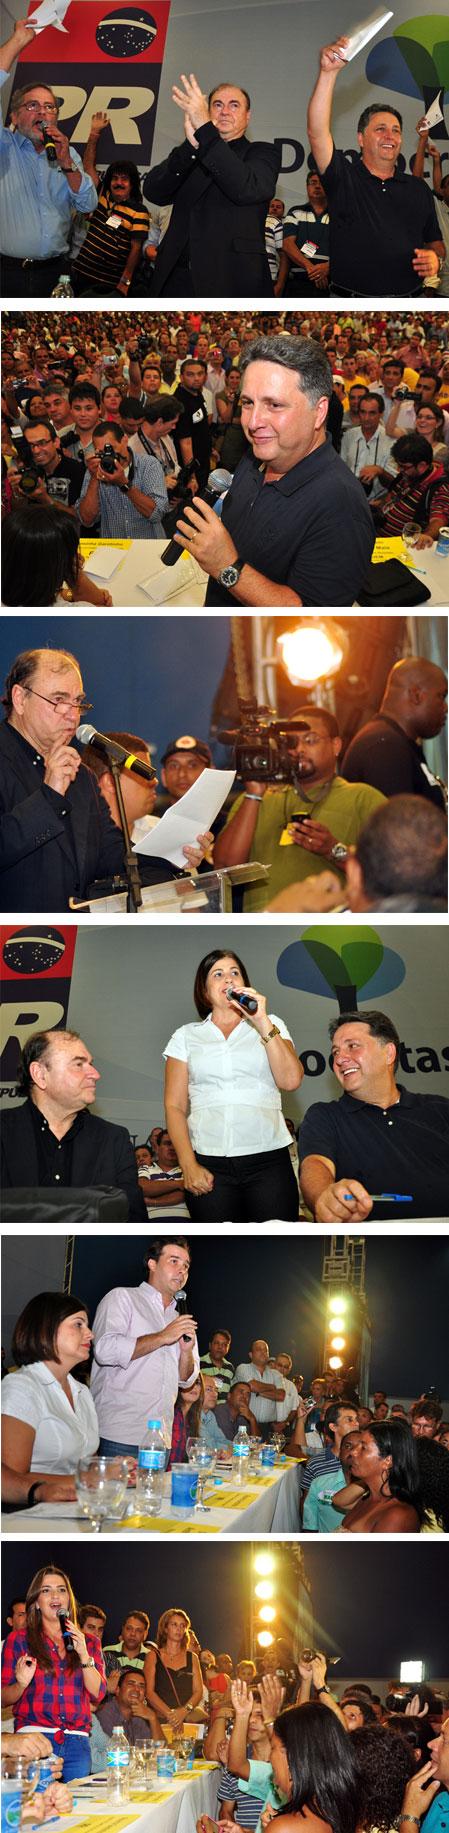 Peregrino, Garotinho, Cesar Maia, Rosinha, Rodrigo Maia e Clarissa discursam no encontro que selou a aliança PR - Democratas (Fotos de César Ferreira)